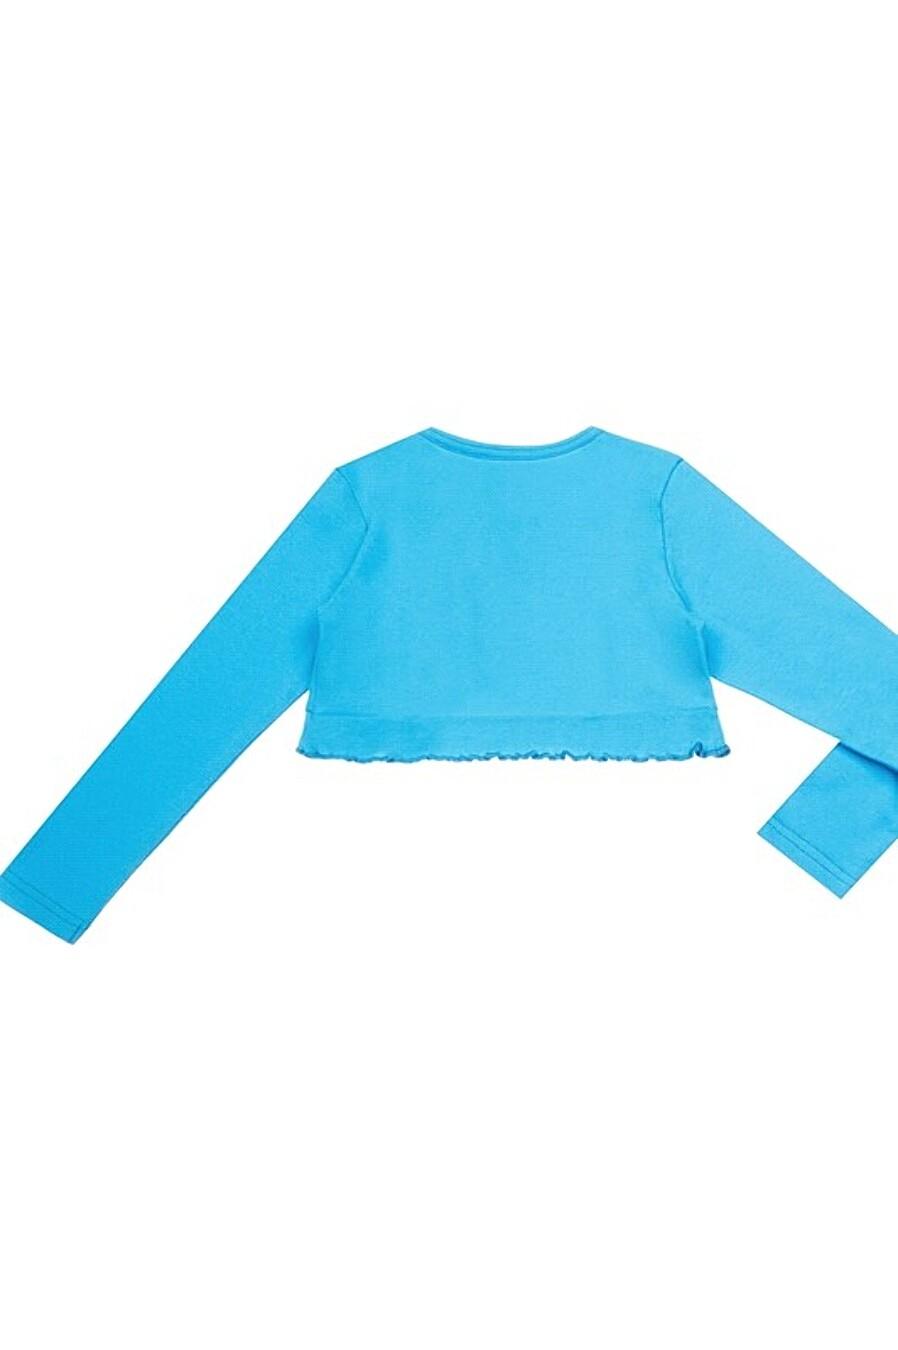 Болеро  для девочек АПРЕЛЬ 700276 купить оптом от производителя. Совместная покупка детской одежды в OptMoyo